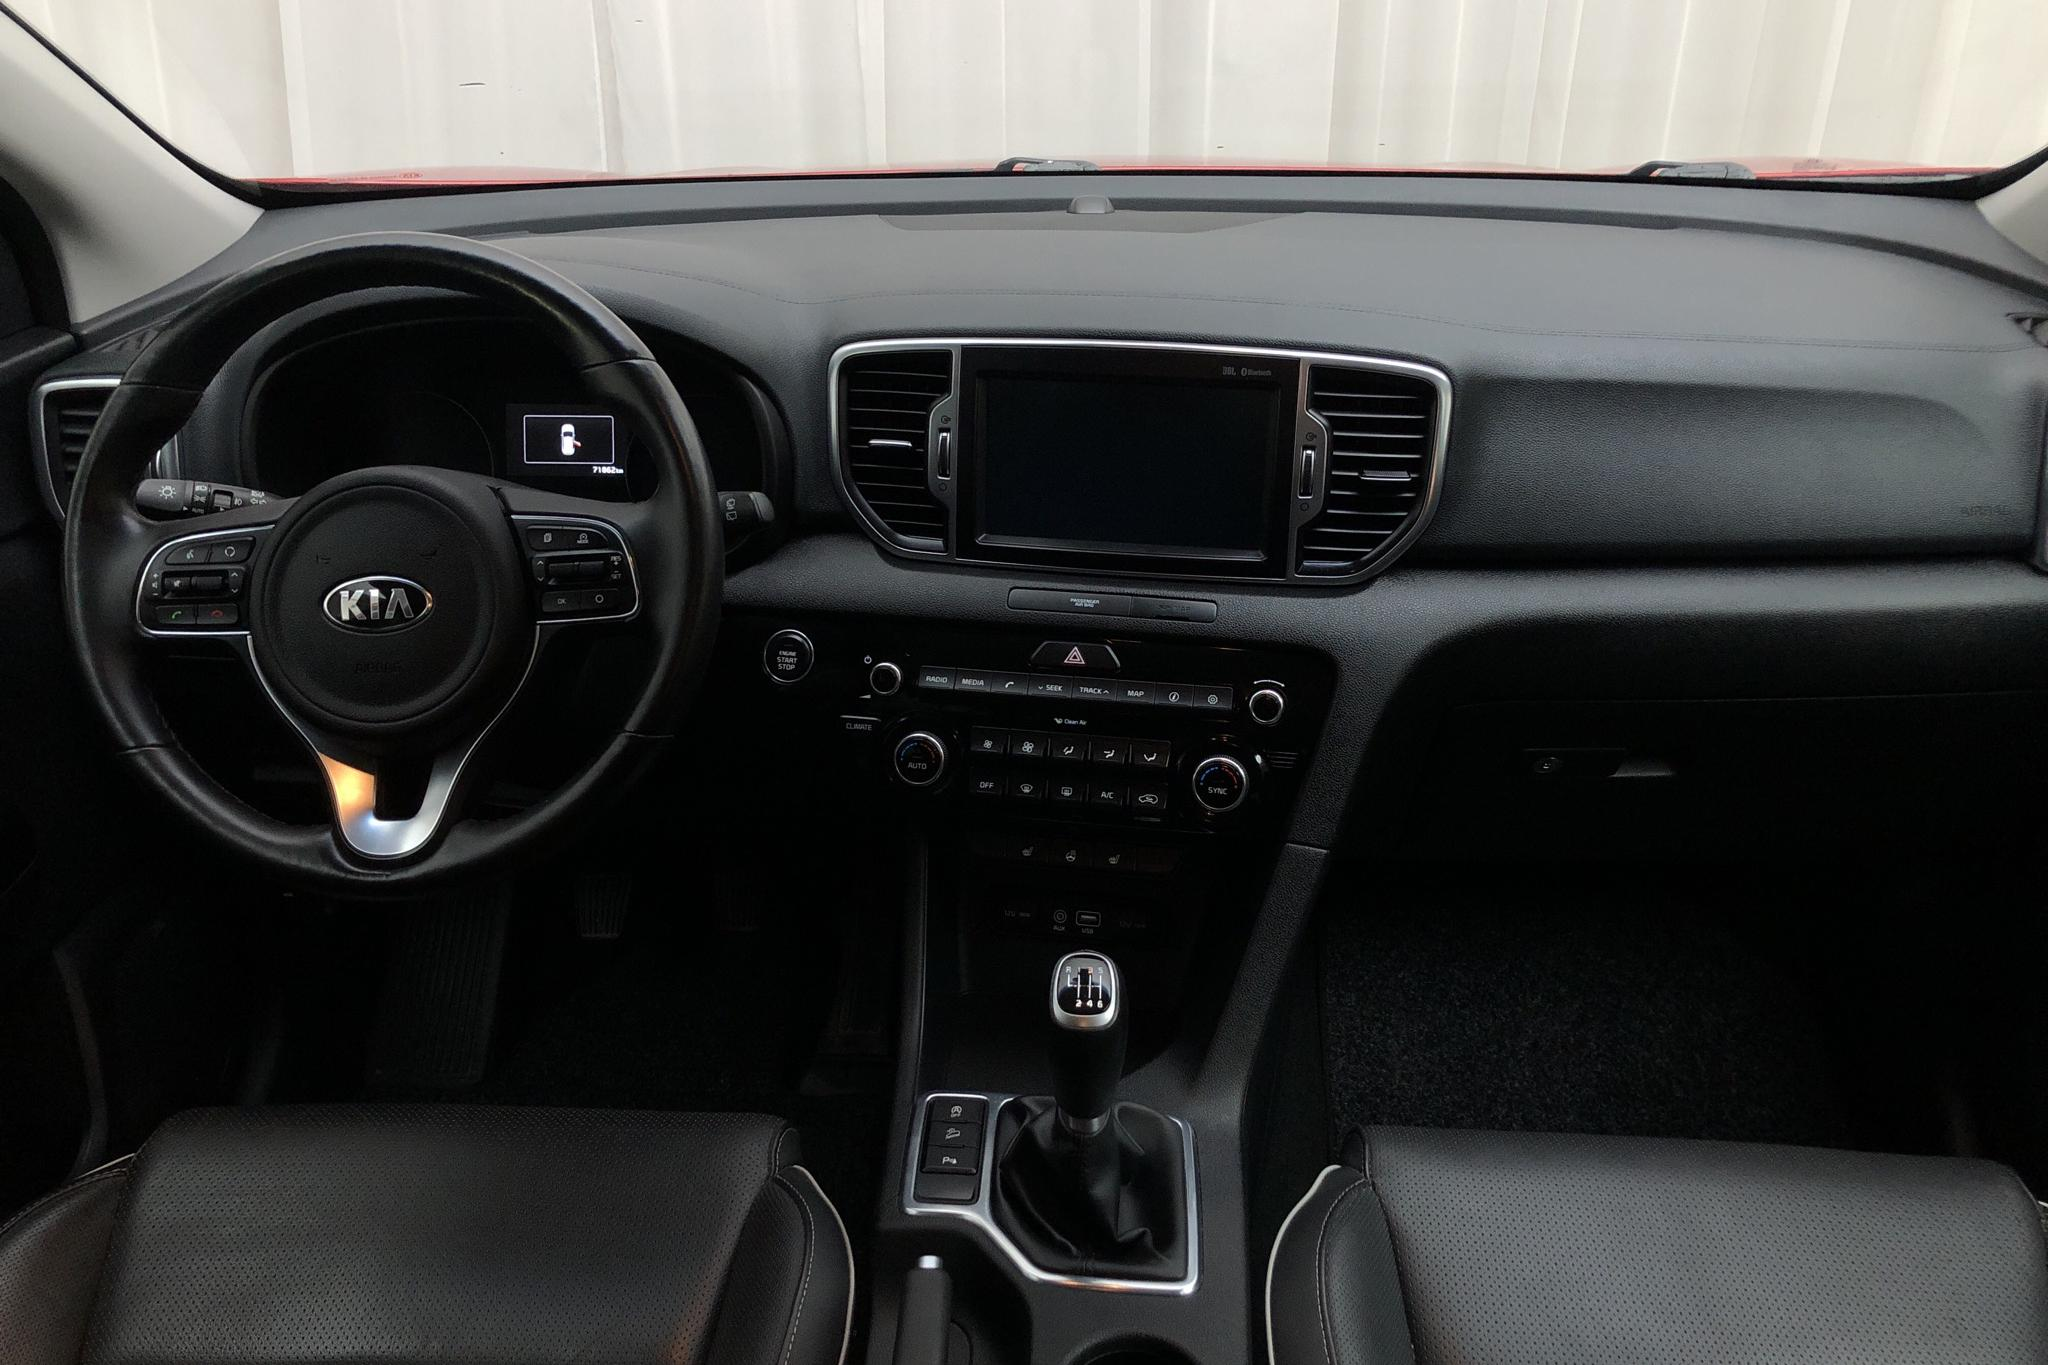 KIA Sportage 1.7 CRDi 2WD (115hk) - 7 186 mil - Manuell - röd - 2017